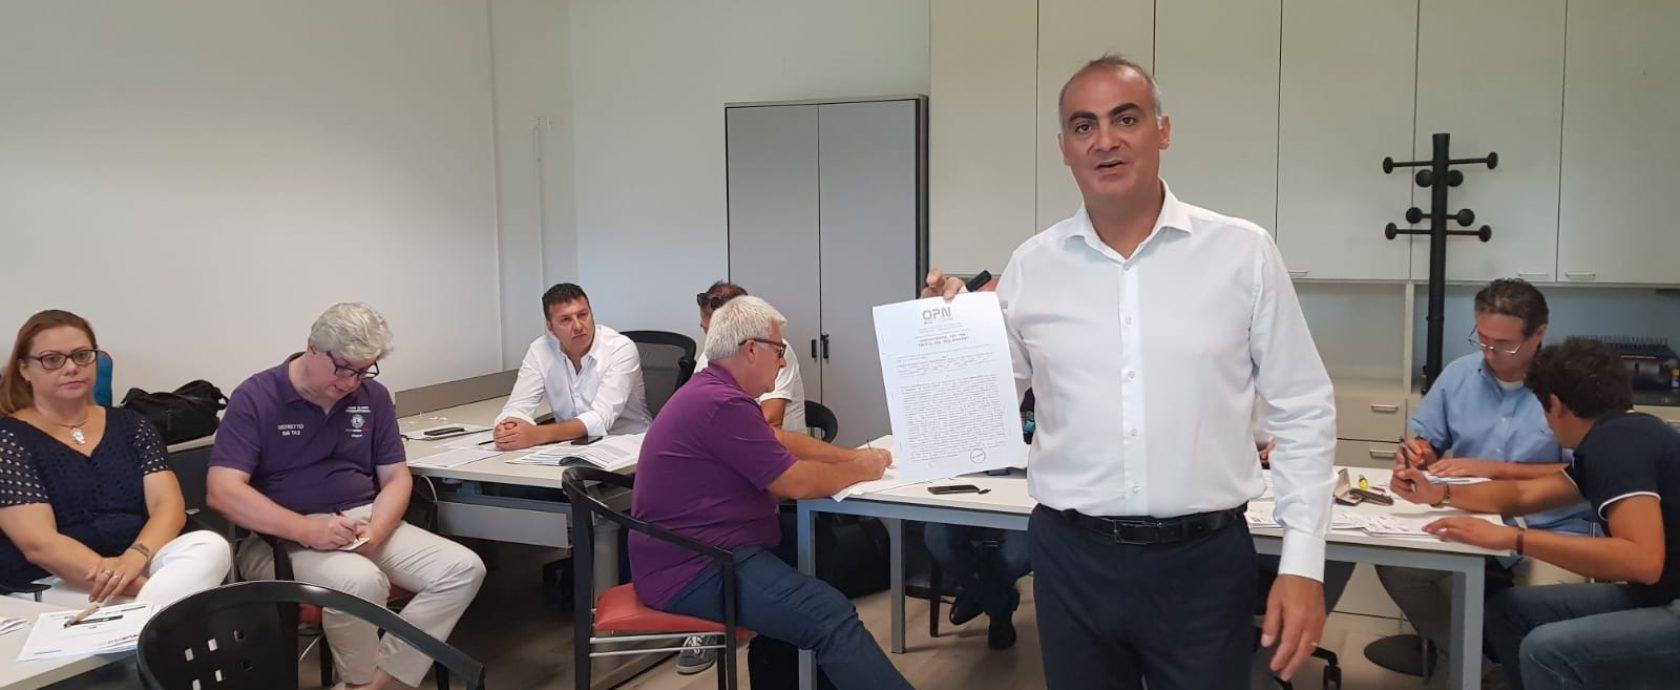 uese italia spa corsi di formazione sicurezza sul lavoro venezia